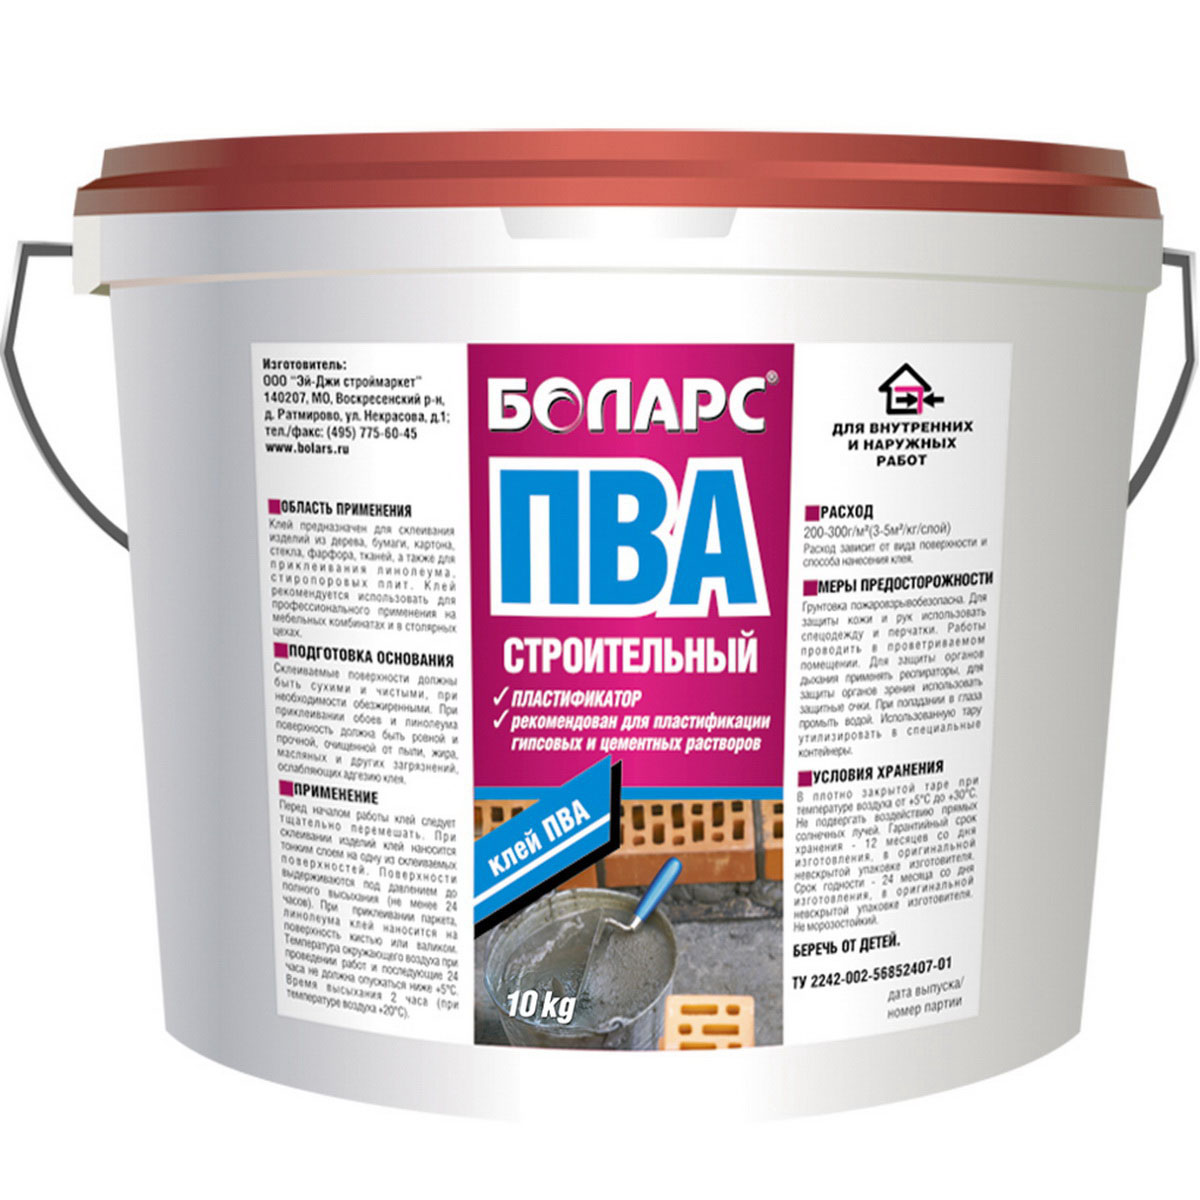 Клей ПВА Боларс, пластификатор, 10 кгCLP446Клей ПВА Боларс предназначен для пластификации строительных растворов. Может применяться в цементных, гипсовых составах для повышения эластичности и адгезии используемых растворов. Подходит для внутренних и наружных работ. Состав: поливинилацетатная дисперсия, технологические добавки, вода.Цвет: белый.pH: 5,5-7,0.Расход: 200-300 г/л.Морозостойкость: 5 циклов.Температура проведения работ: +5°С +30°С.Температура эксплуатации: +5°С +40°С.Размораживать продукт следует при комнатной температуре в оригинальной таре изготовителя. Гарантийный срок хранения – 12 месяцев со дня изготовления, в оригинальной невскрытой упаковке изготовителя.Срок годности – 24 месяца со дня изготовления, в оригинальной невскрытой упаковке изготовителя.